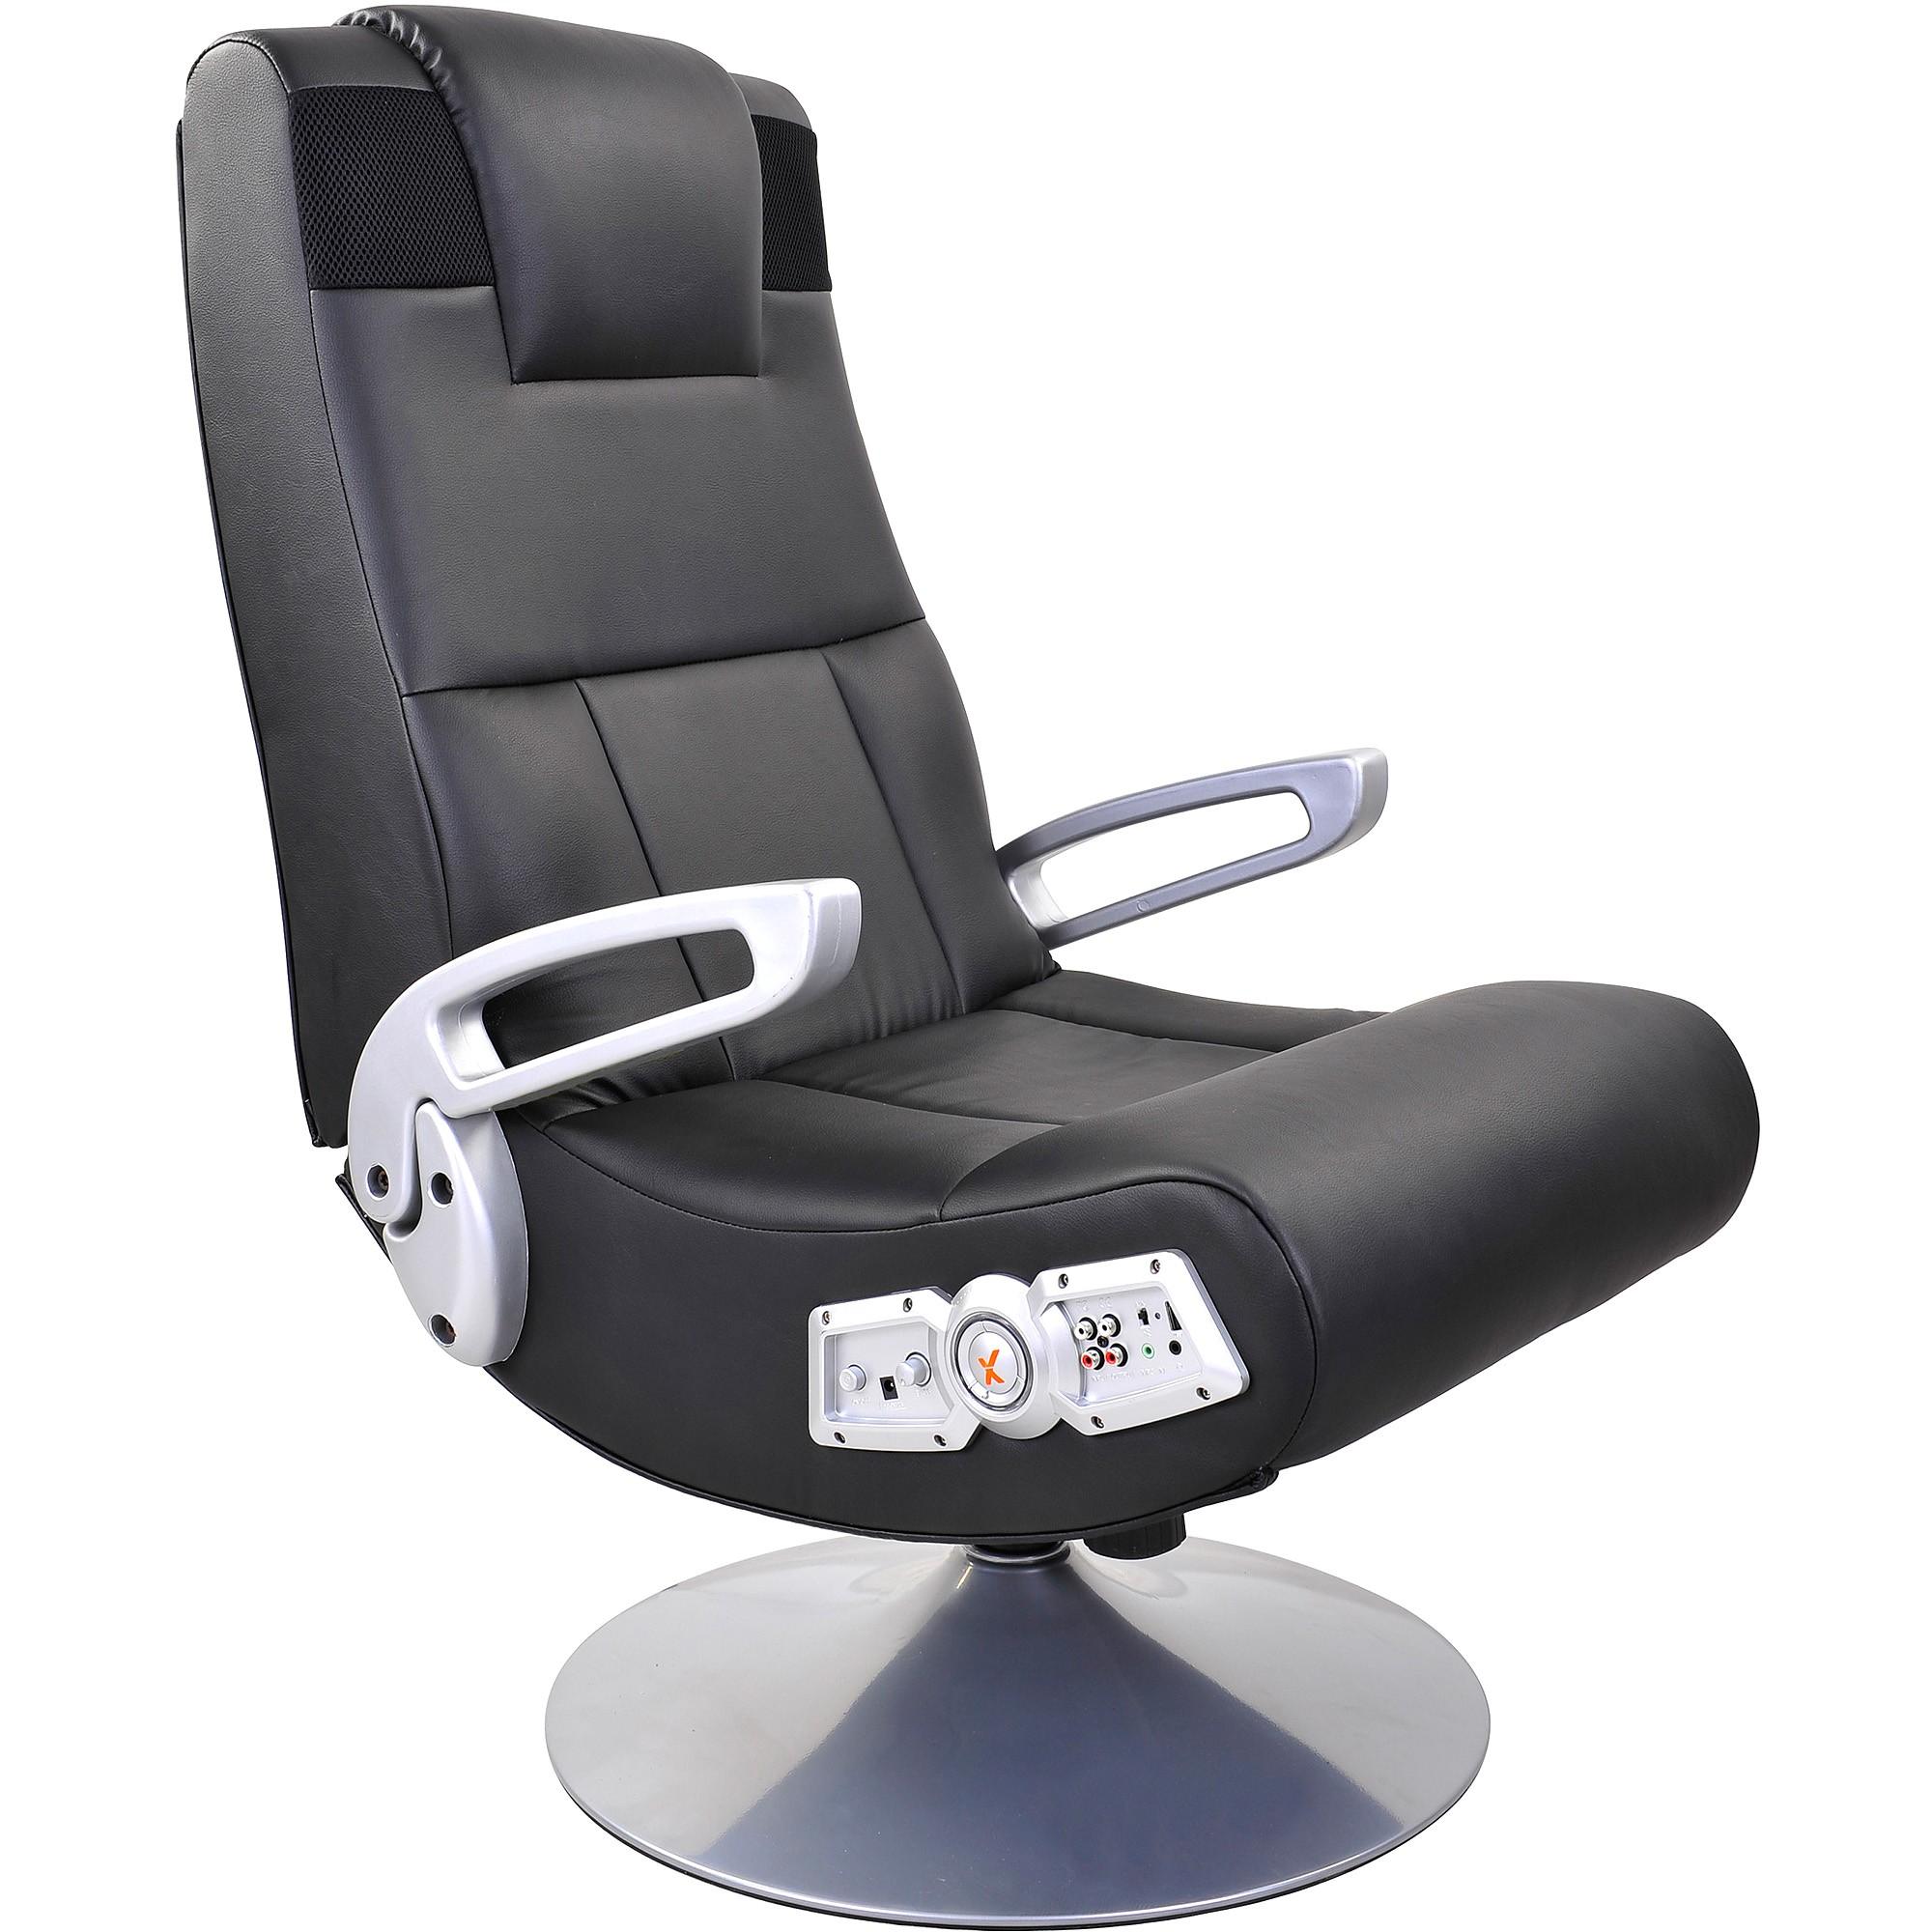 x rocker pedestal video rocker gaming chair with bluetooth technology walmart com